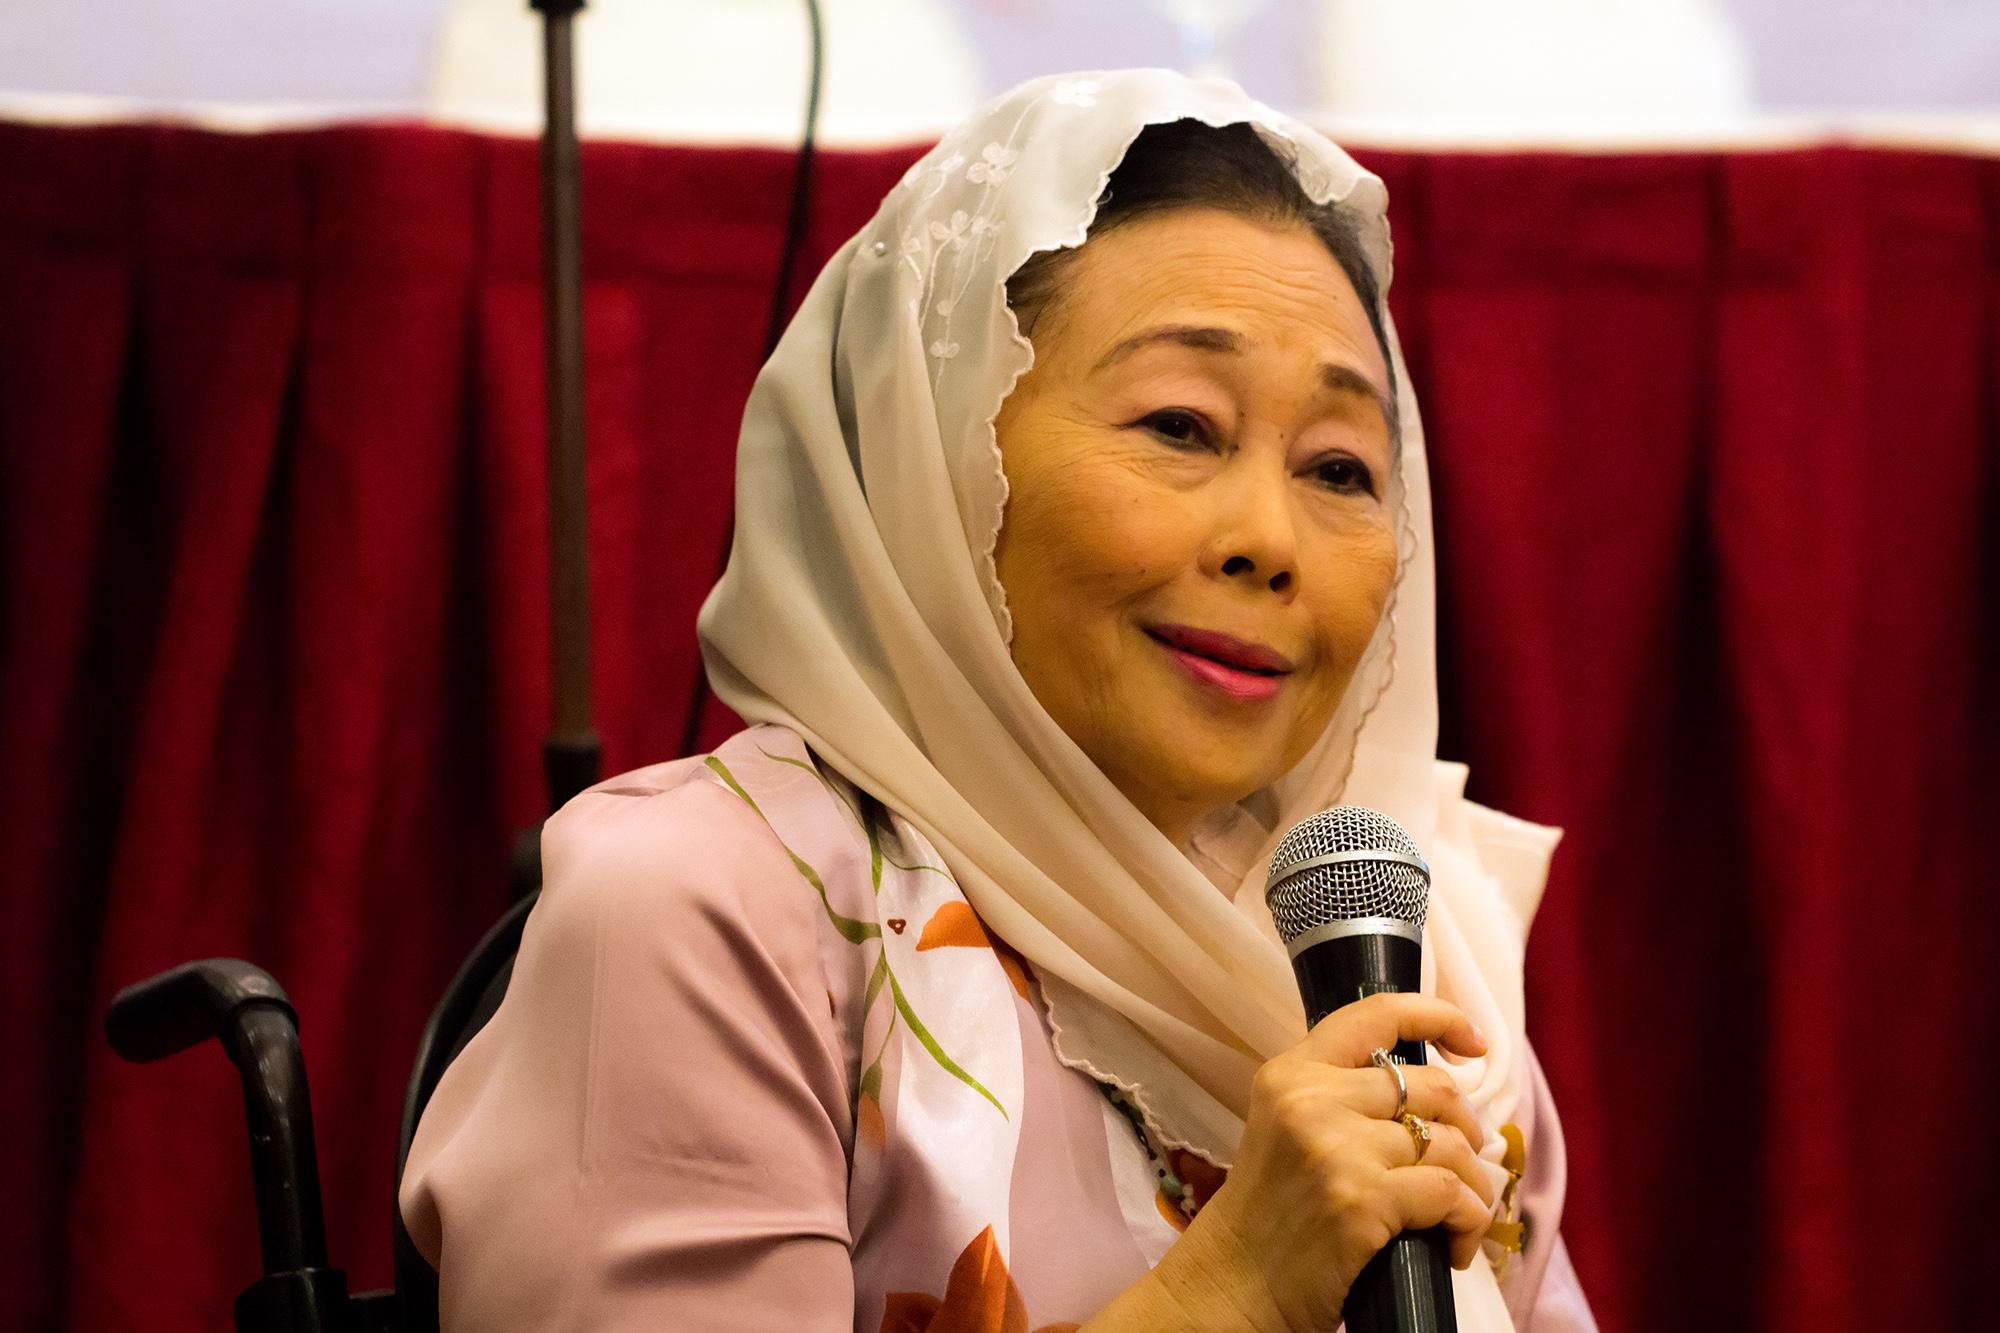 Nyai Shinta Nuriyah-Kita Bersatu Dalam Perbedaan-IslamRamah.co